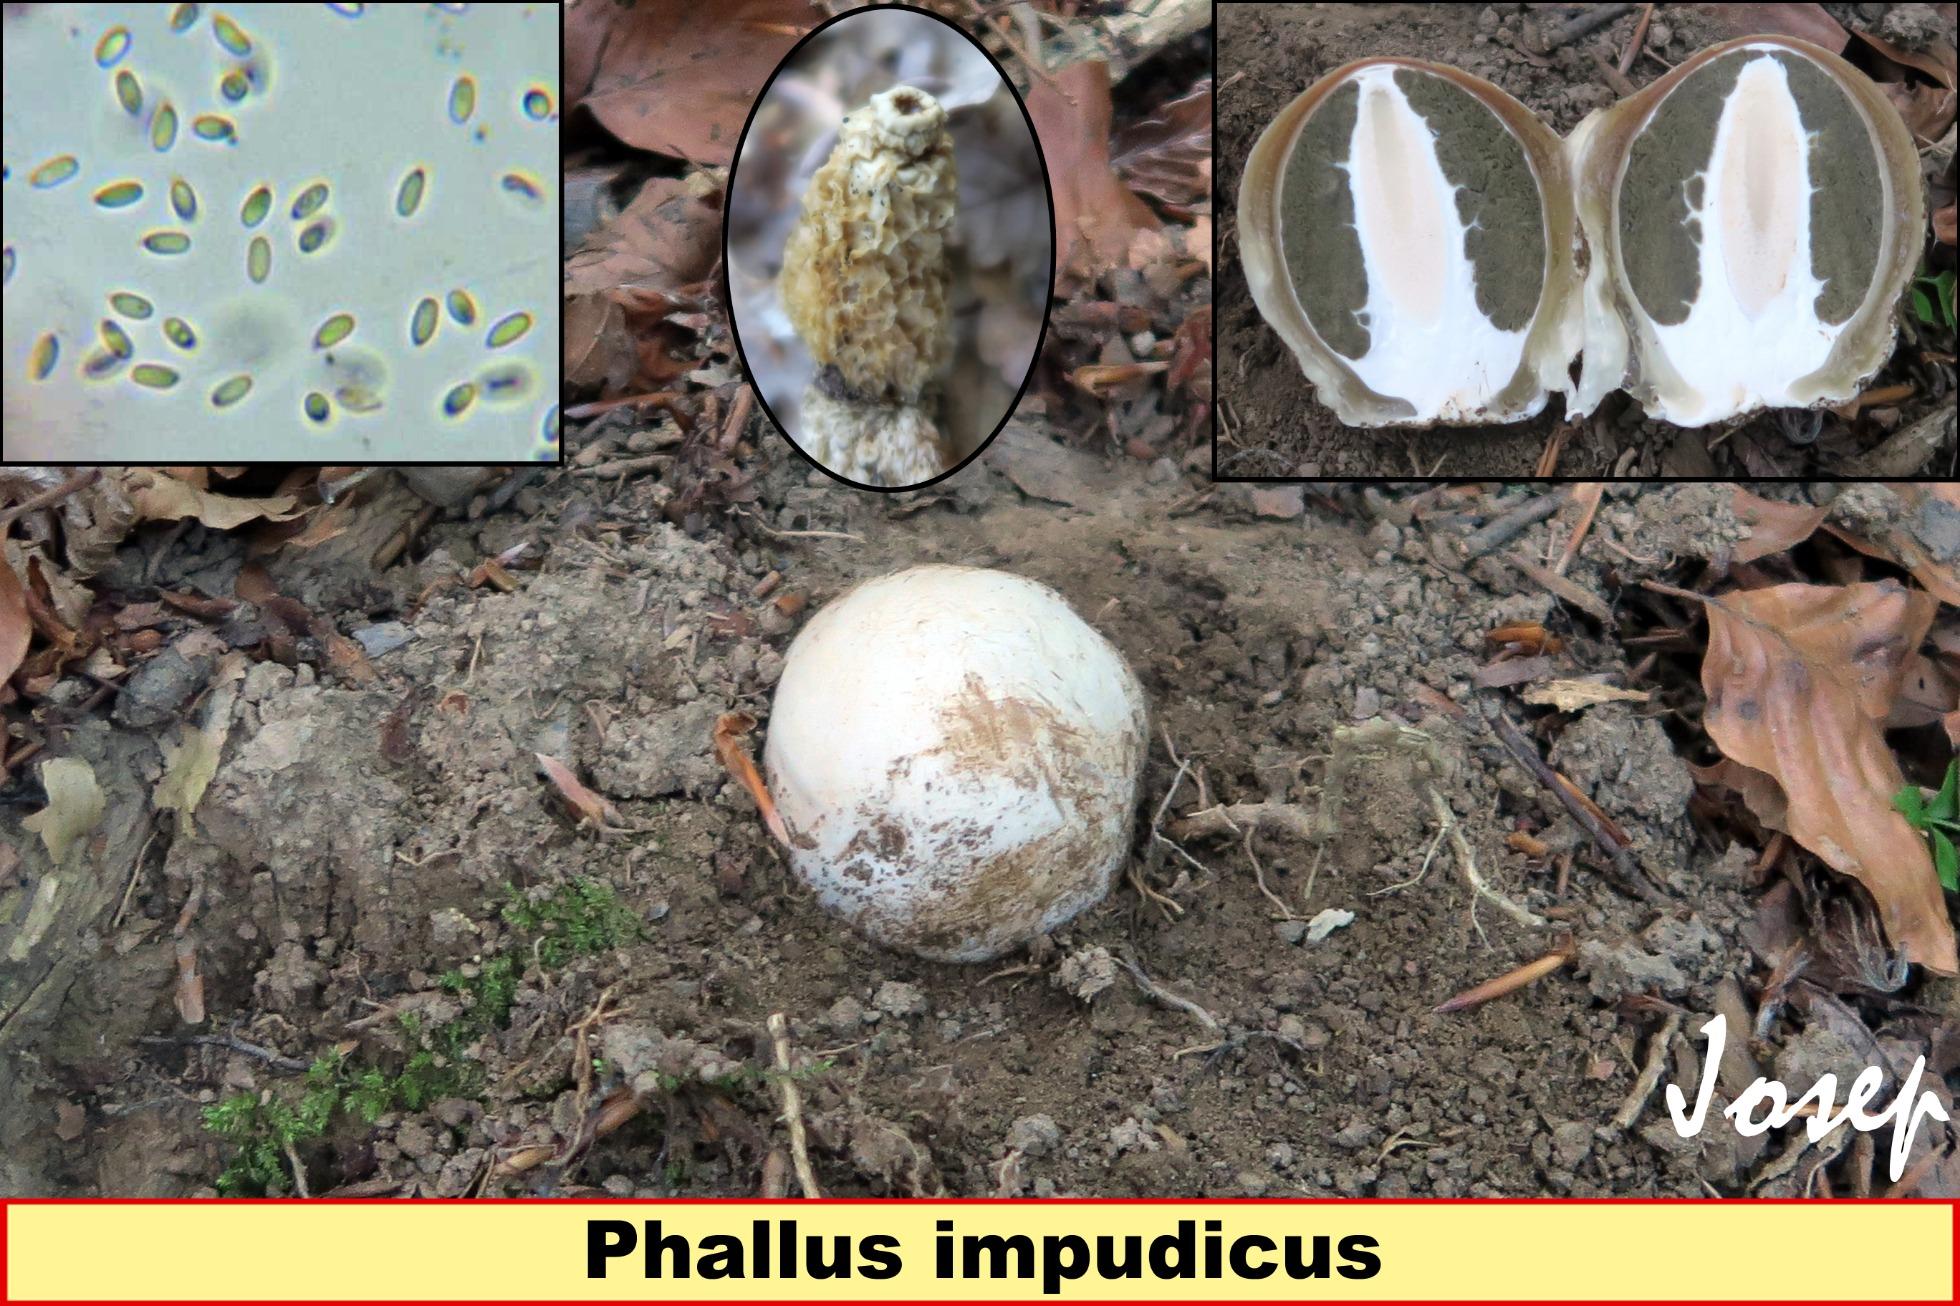 Phallusimpudicus_2018-11-26.jpg